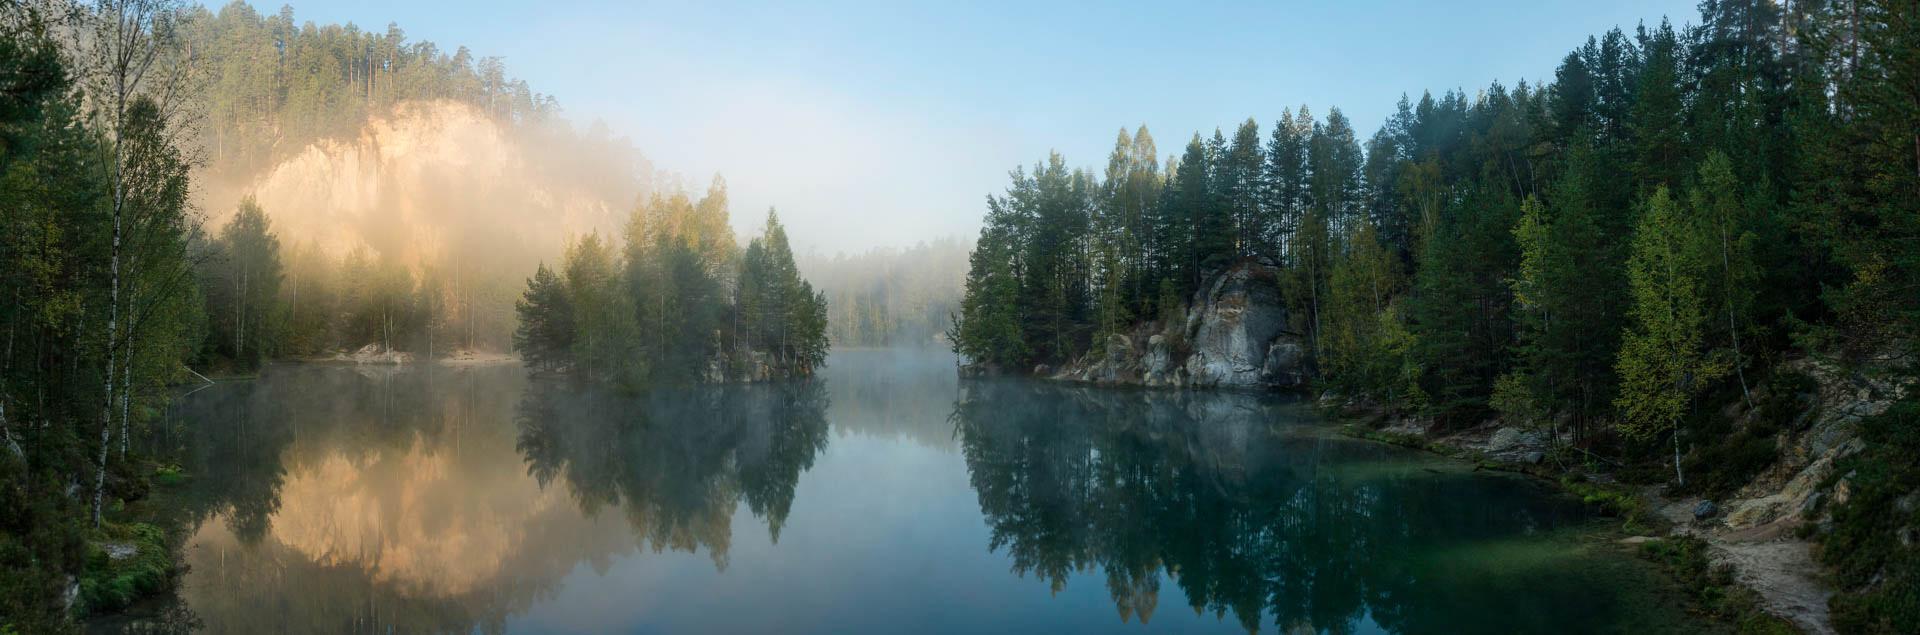 adrspach meer, fotografie Frank Penders